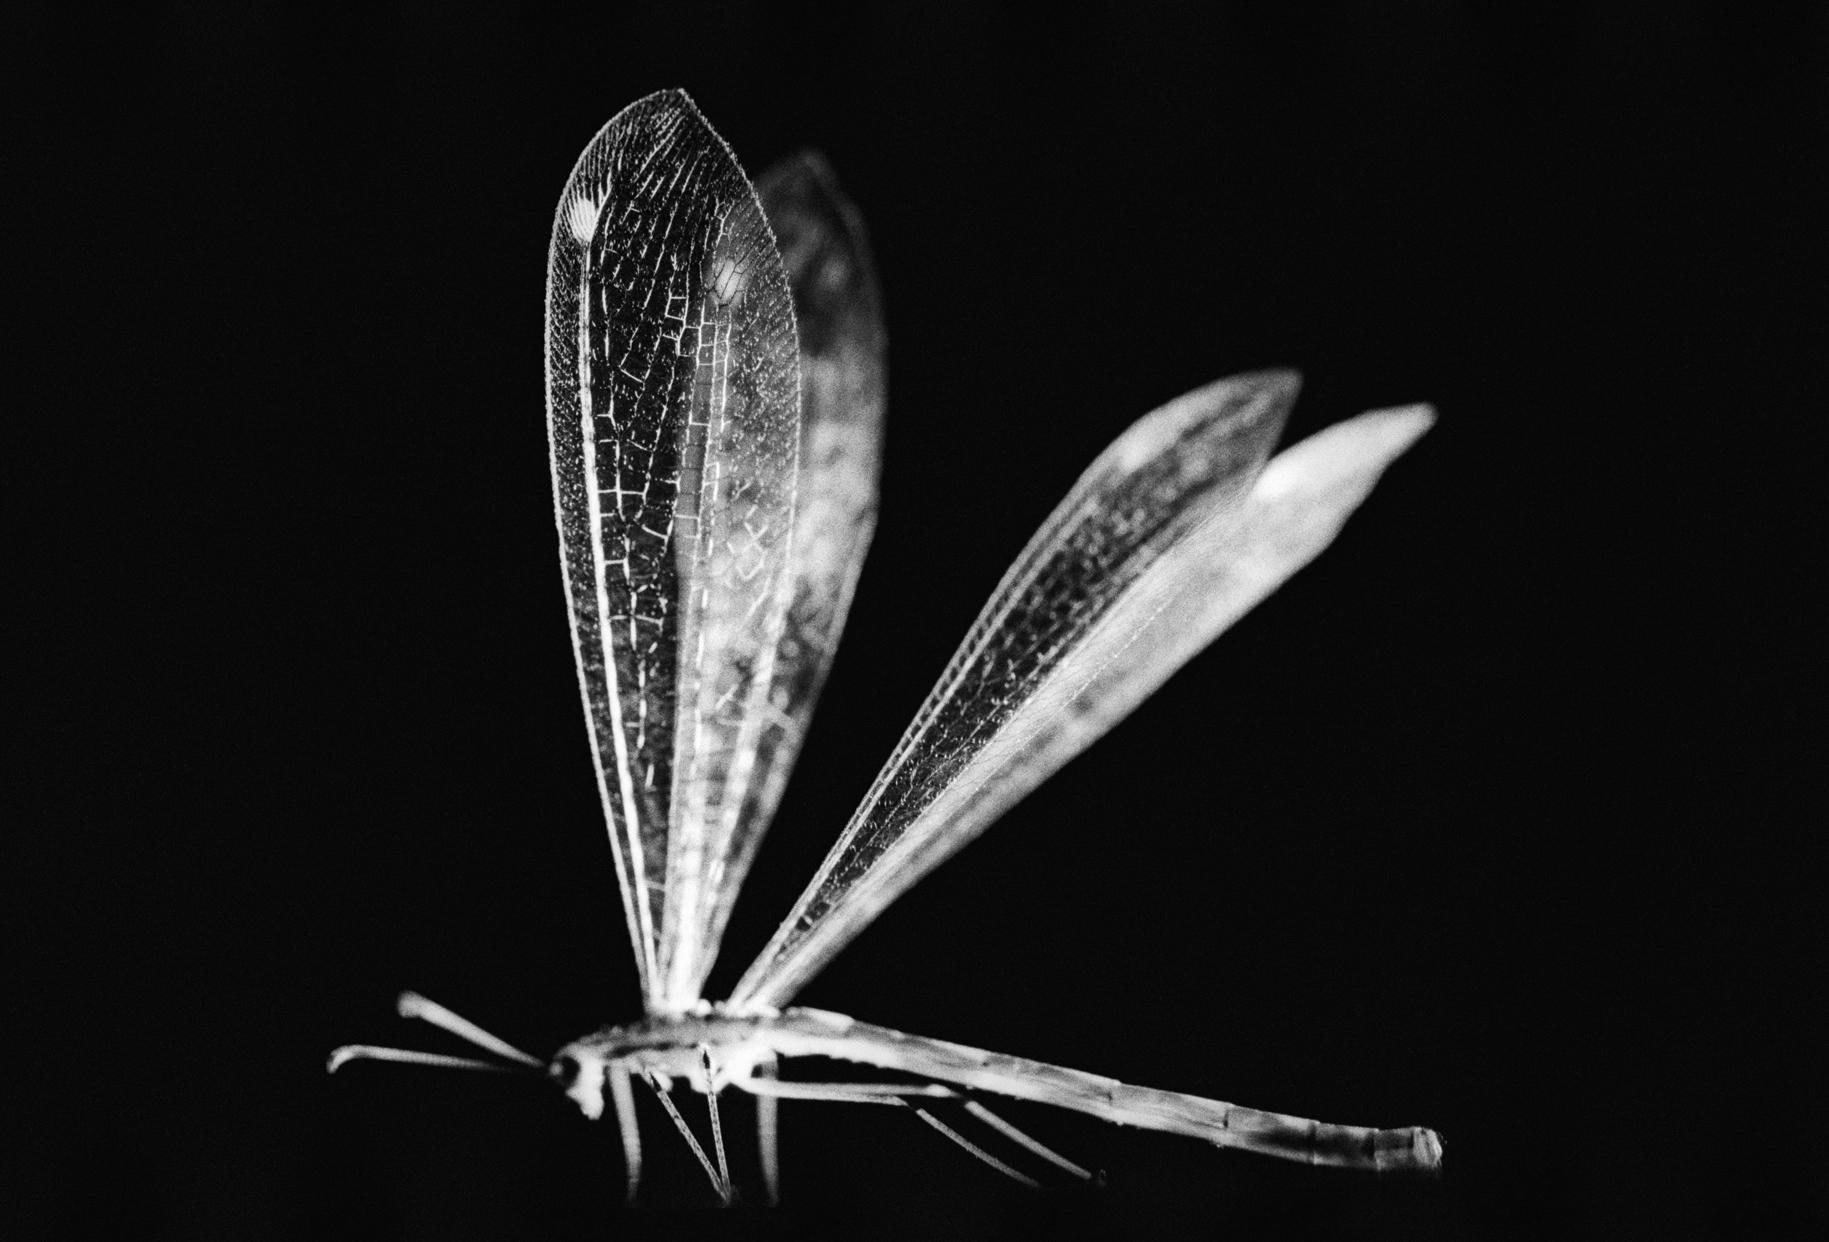 antlionwings.jpg